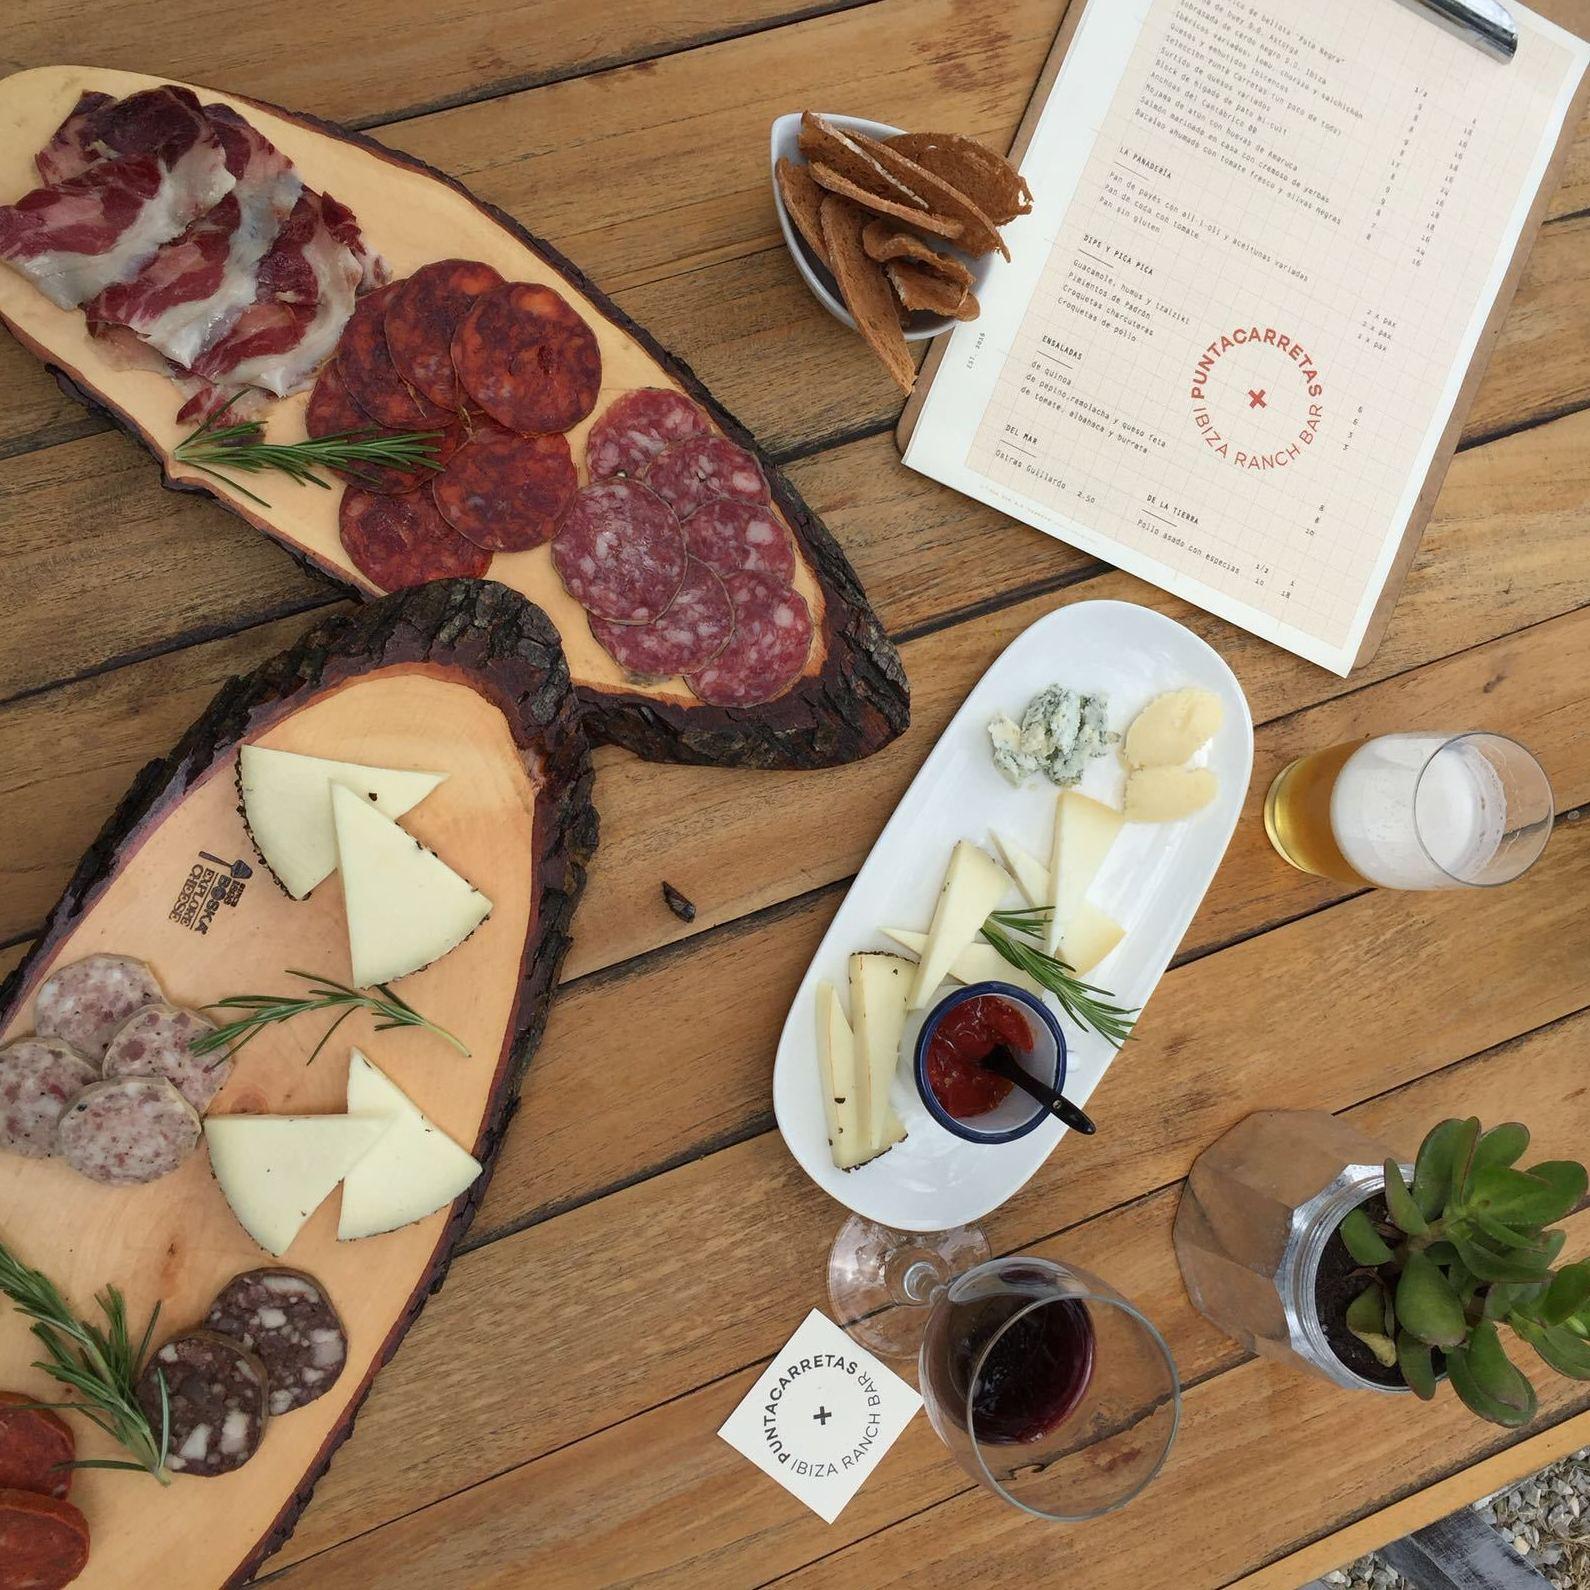 Foto 3 de Cocina mediterránea en Santa Eulària des Riu | Restaurante Parrilla con huerto propio (ESTAMOS CERRADOS HASTA EL 01/04/2019)